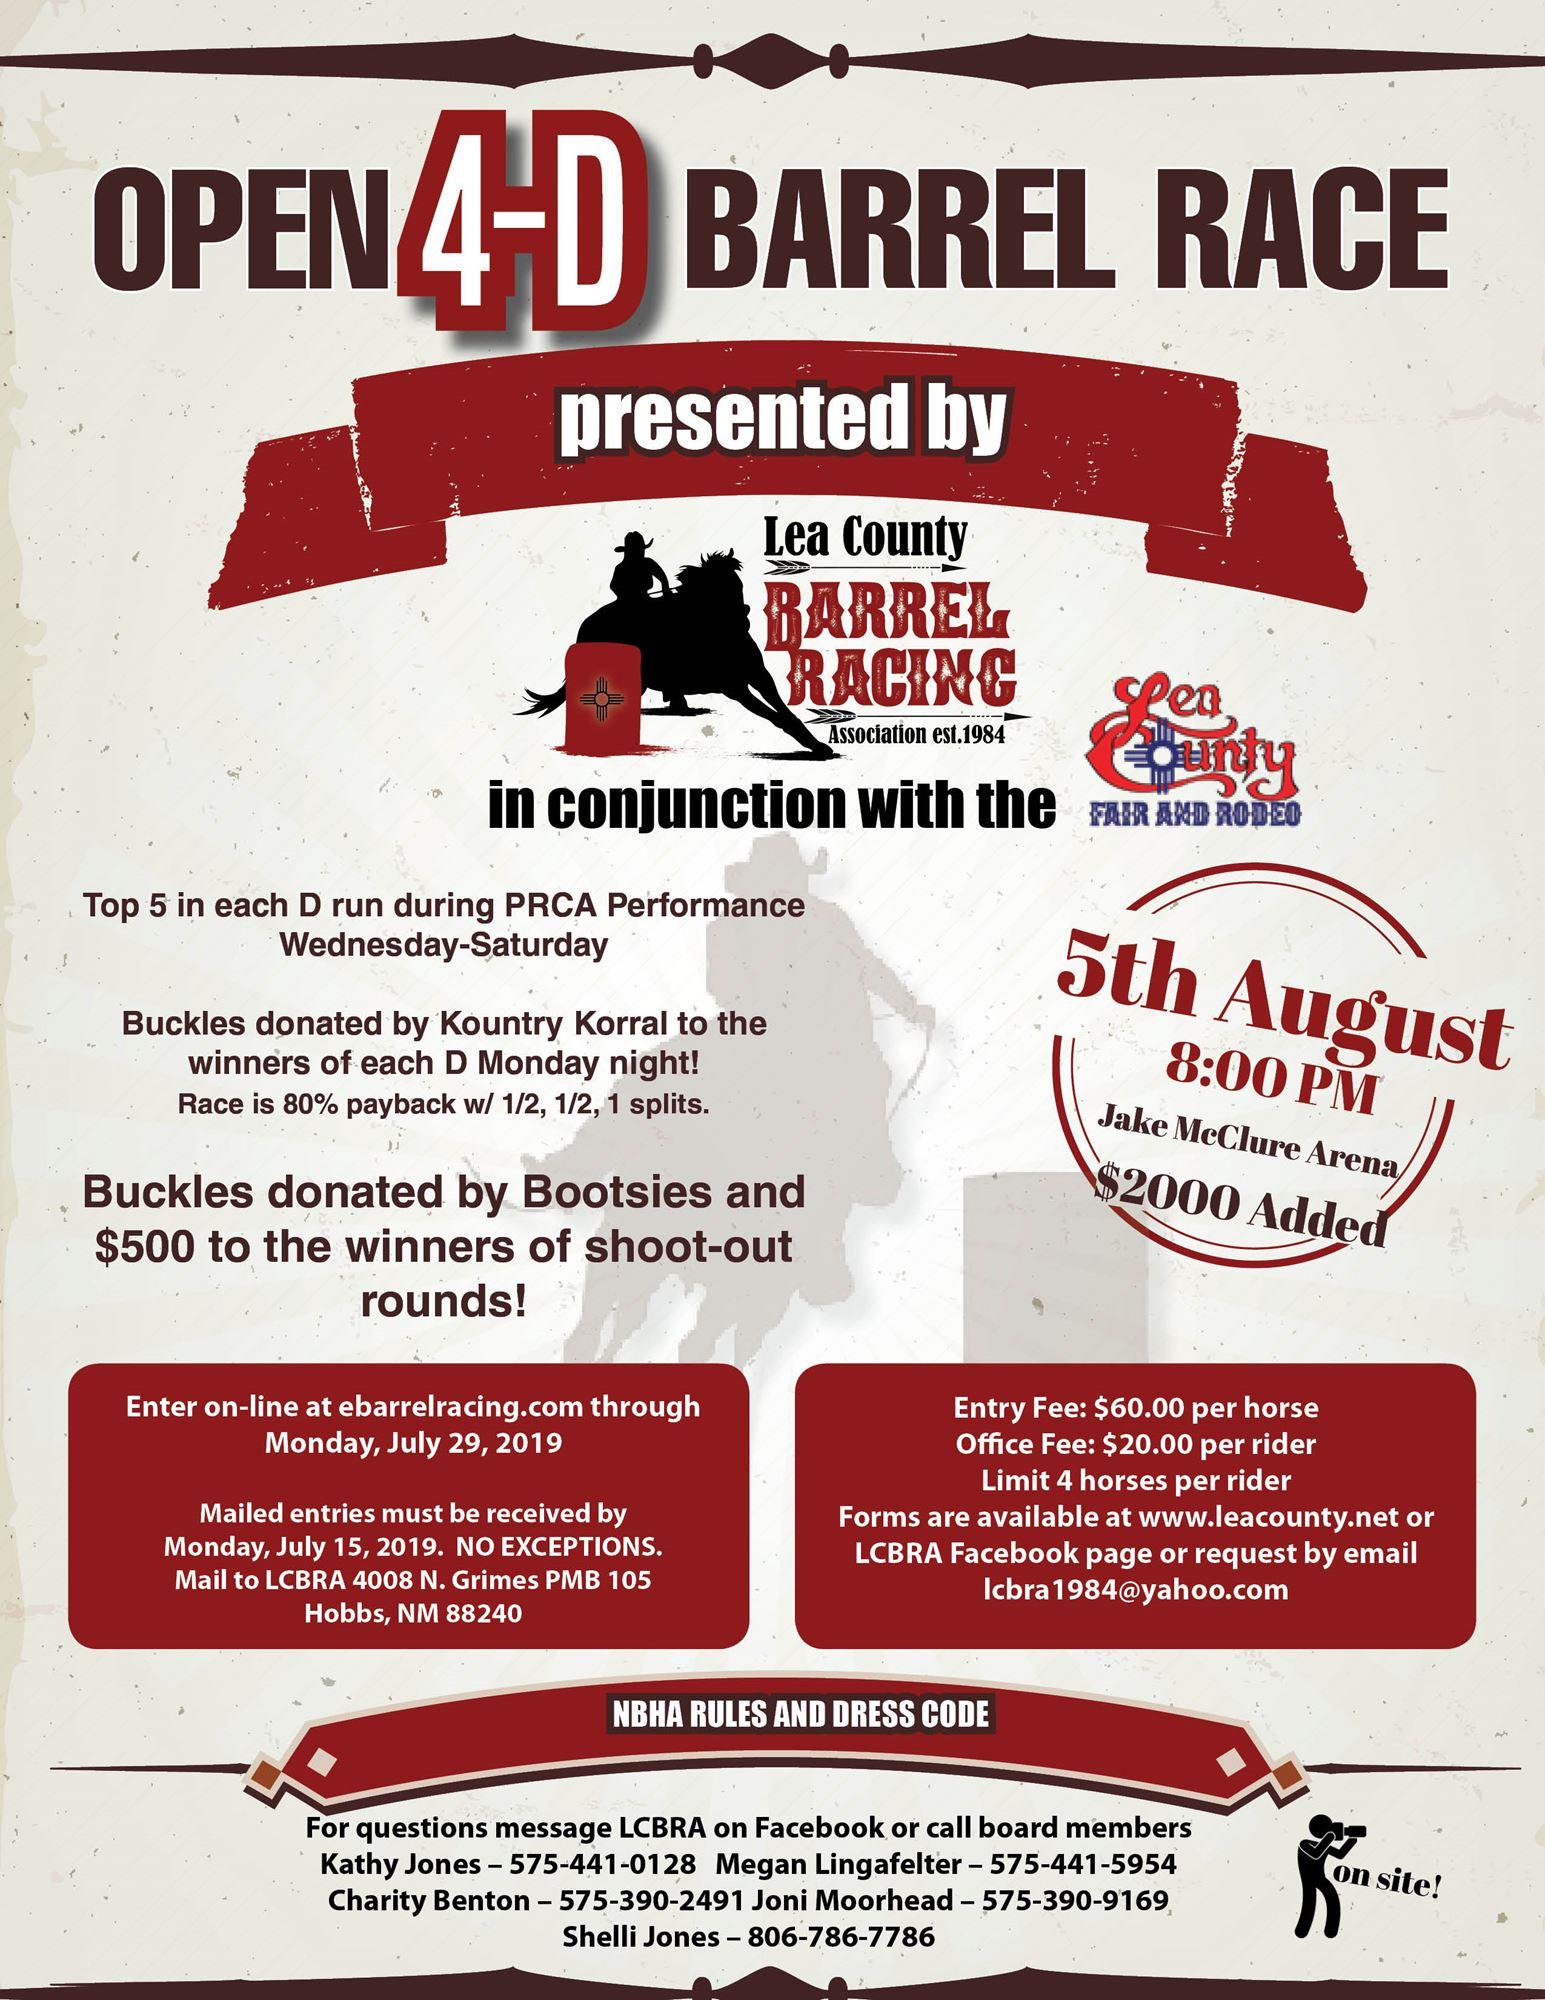 22021483c Open 4-D Barrel Race presented by LCBRA